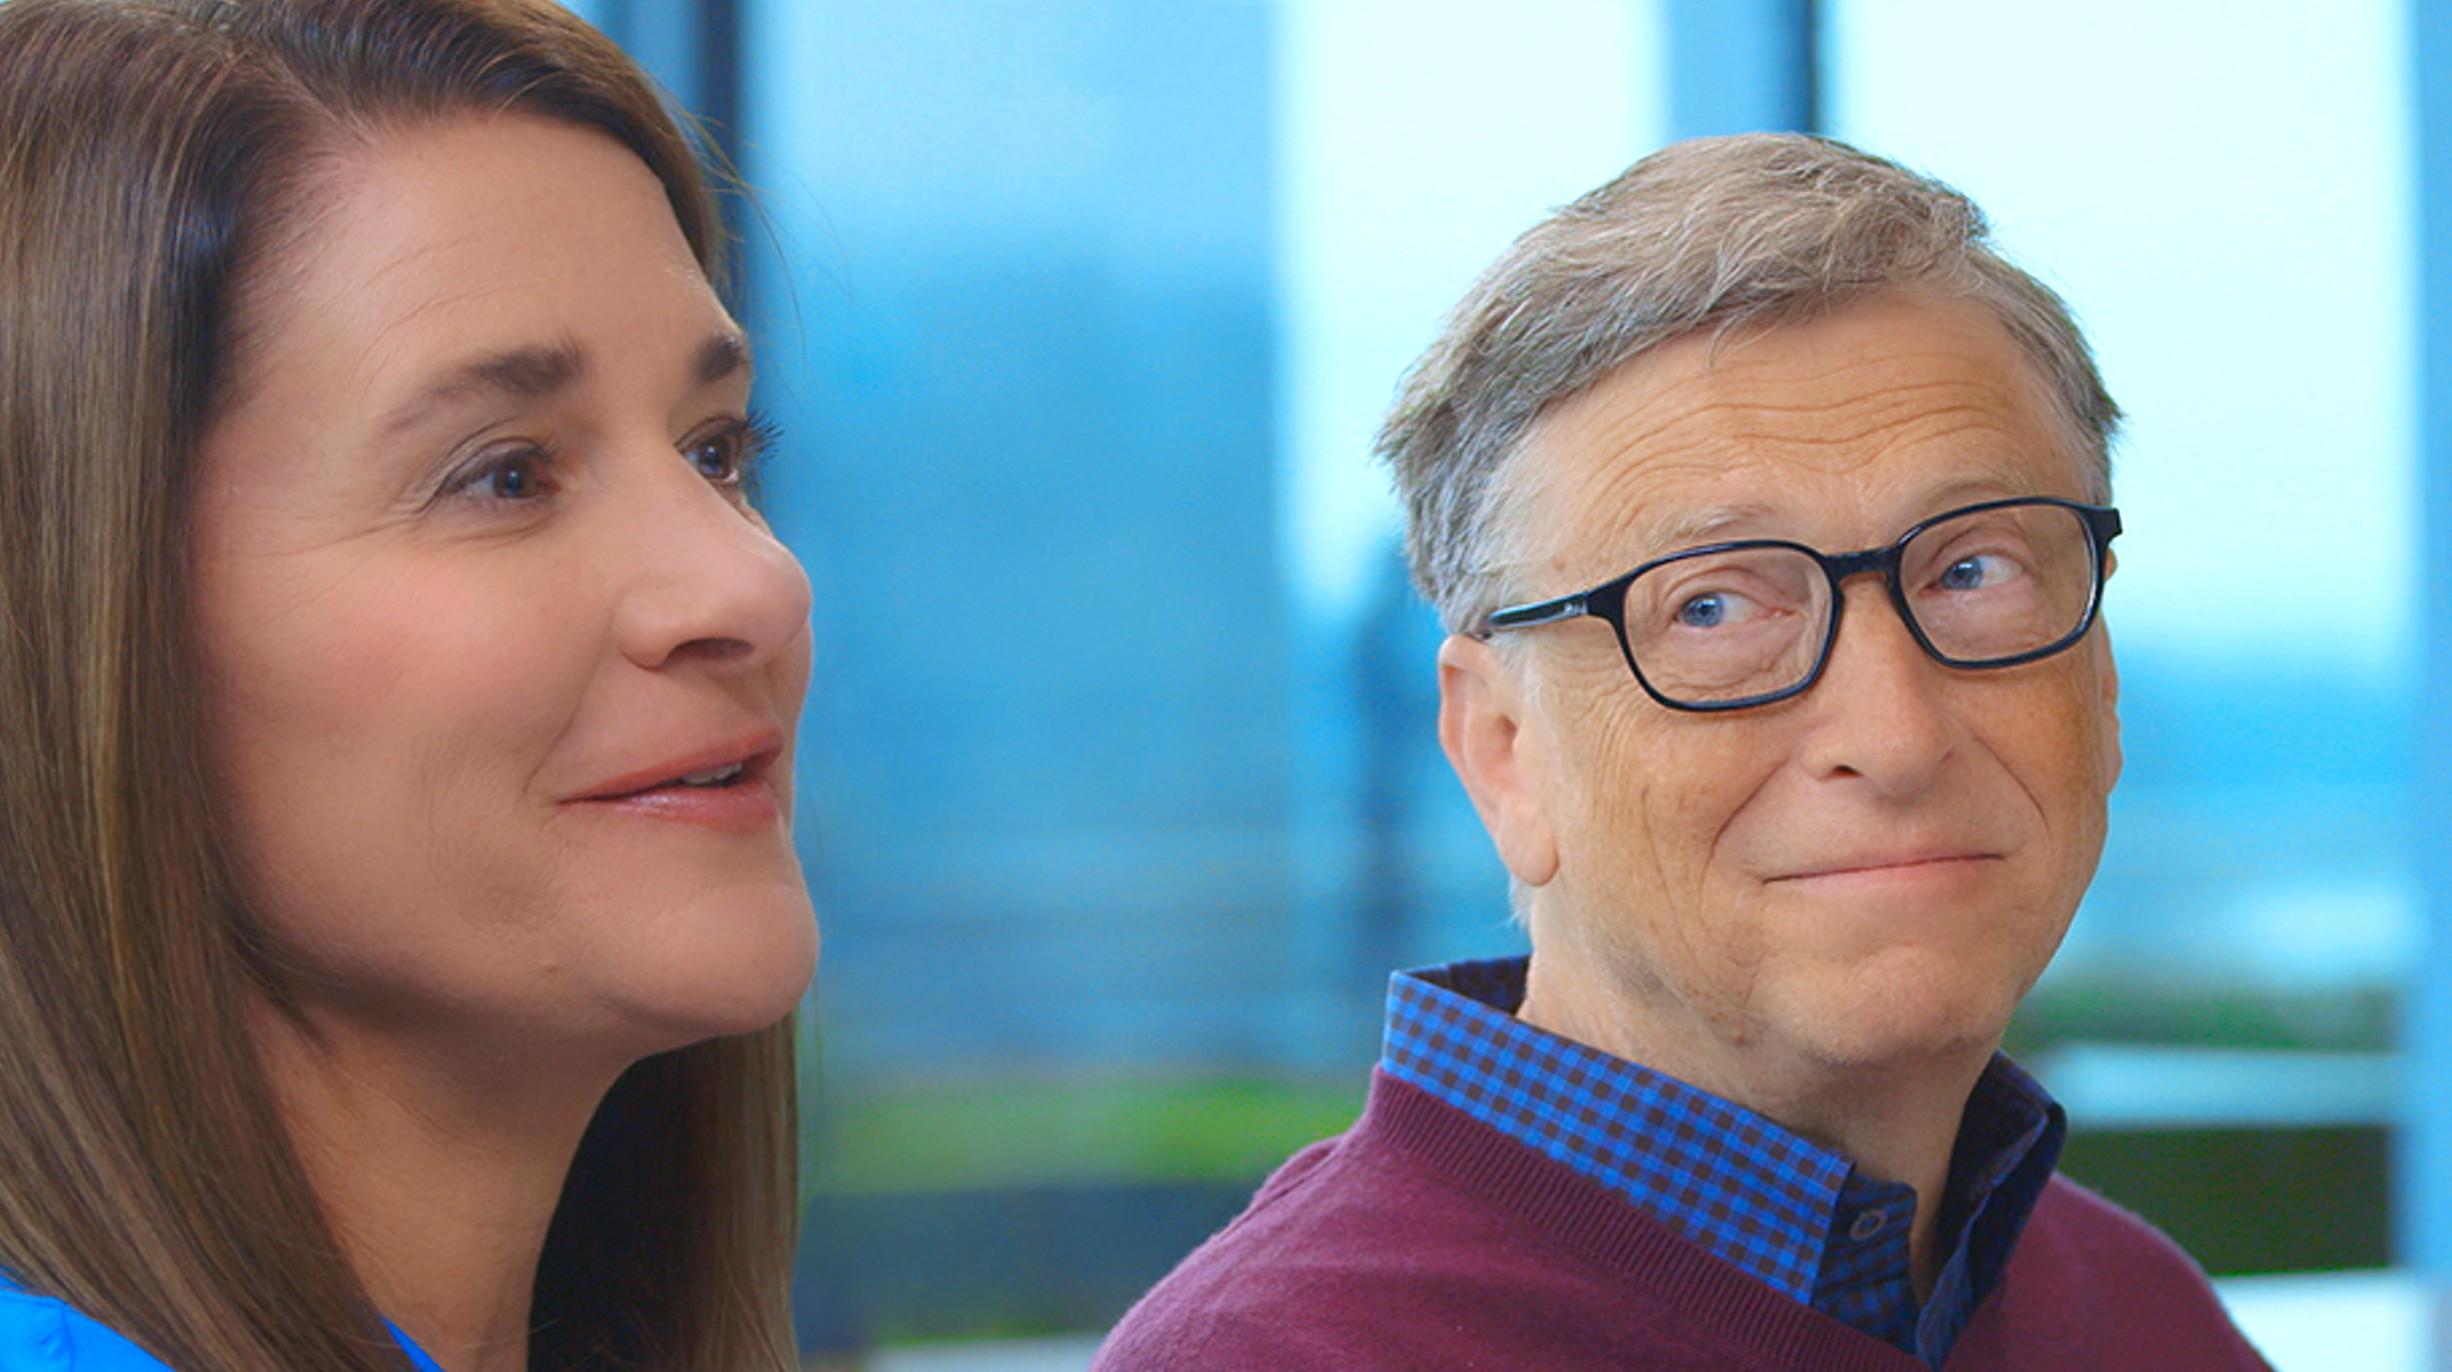 Bill Gates pasó una hora respondiendo preguntas en Reddit y dijo que casarse con Melinda fue la mejor decisión de su vida. Crédito: Fundación Gates